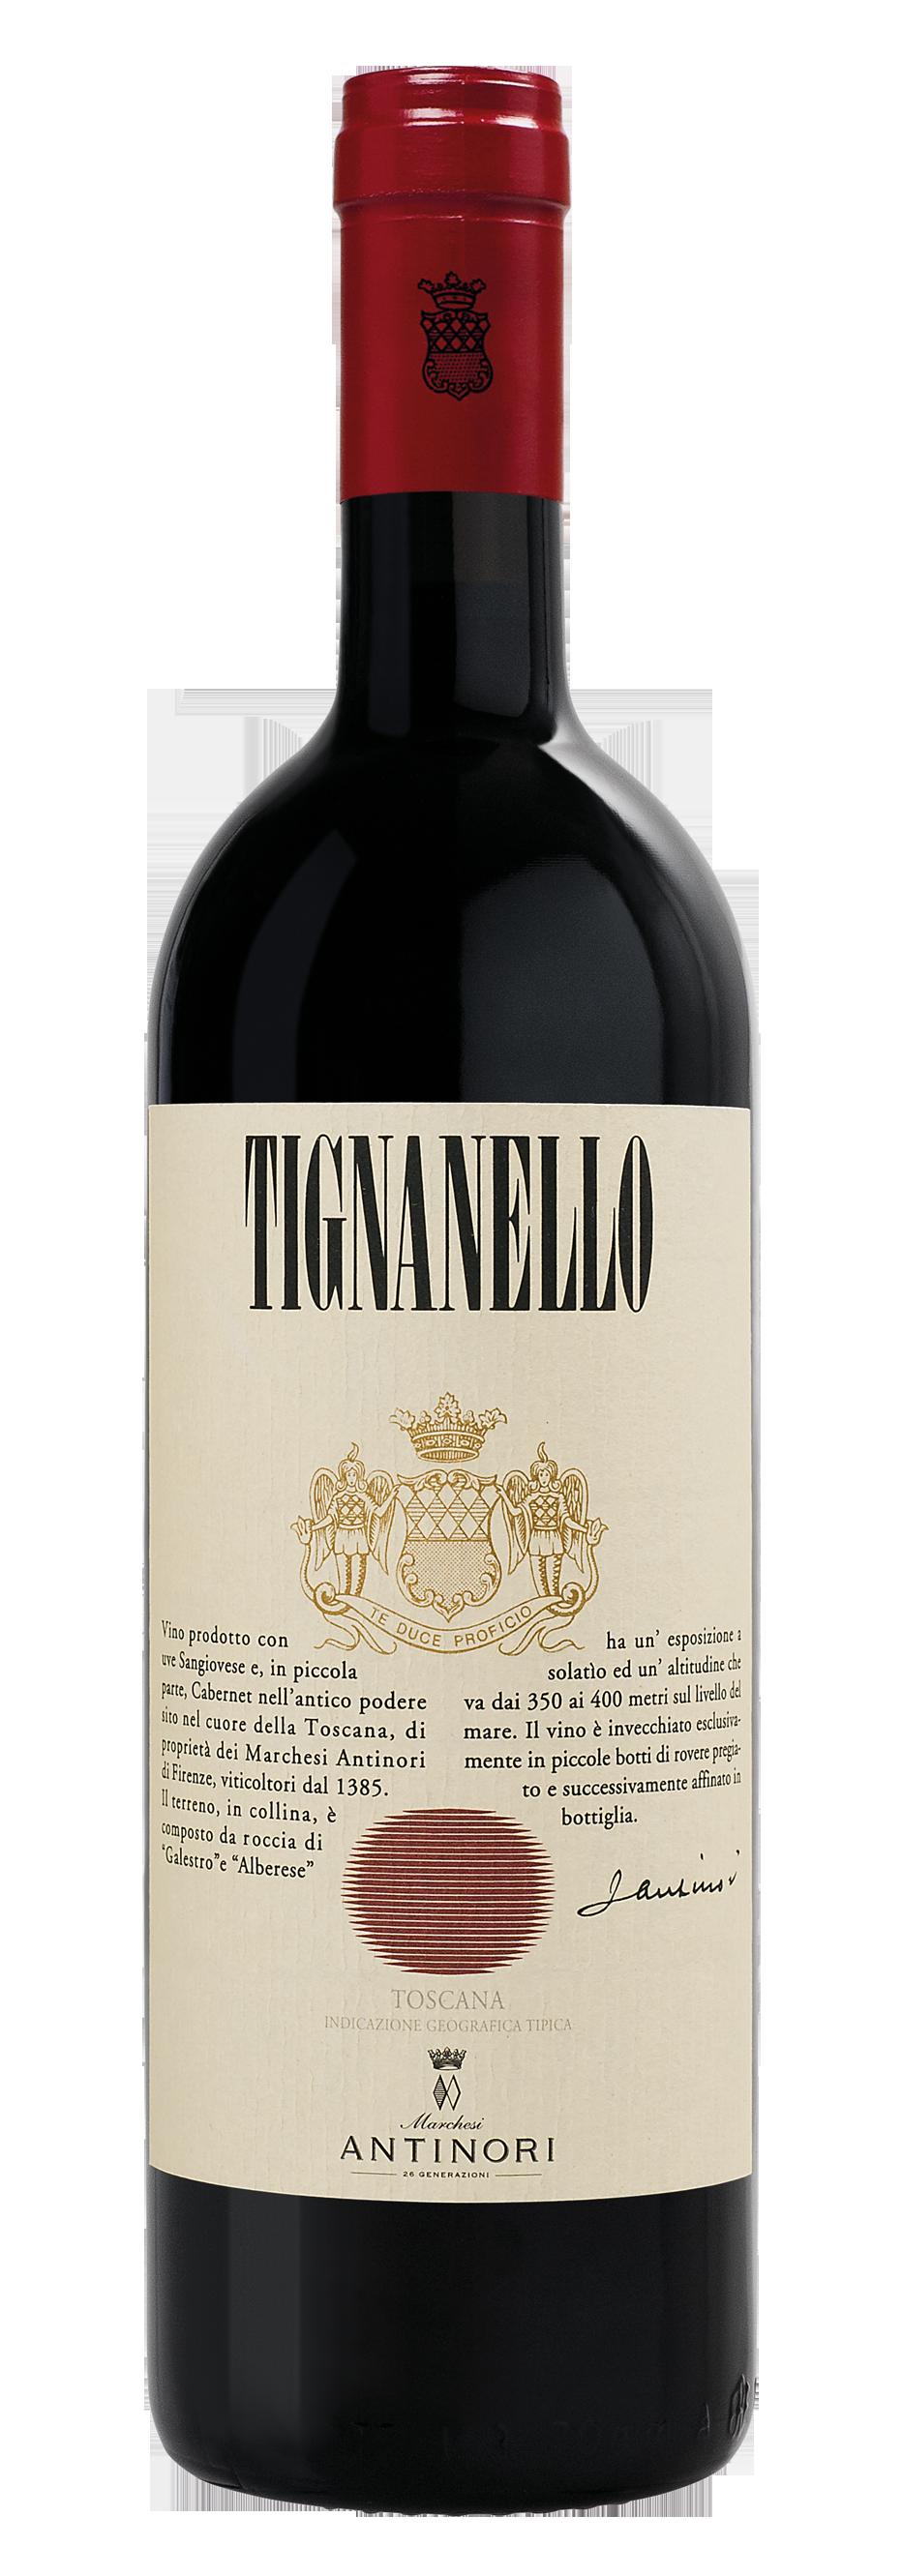 Tignanello 2009